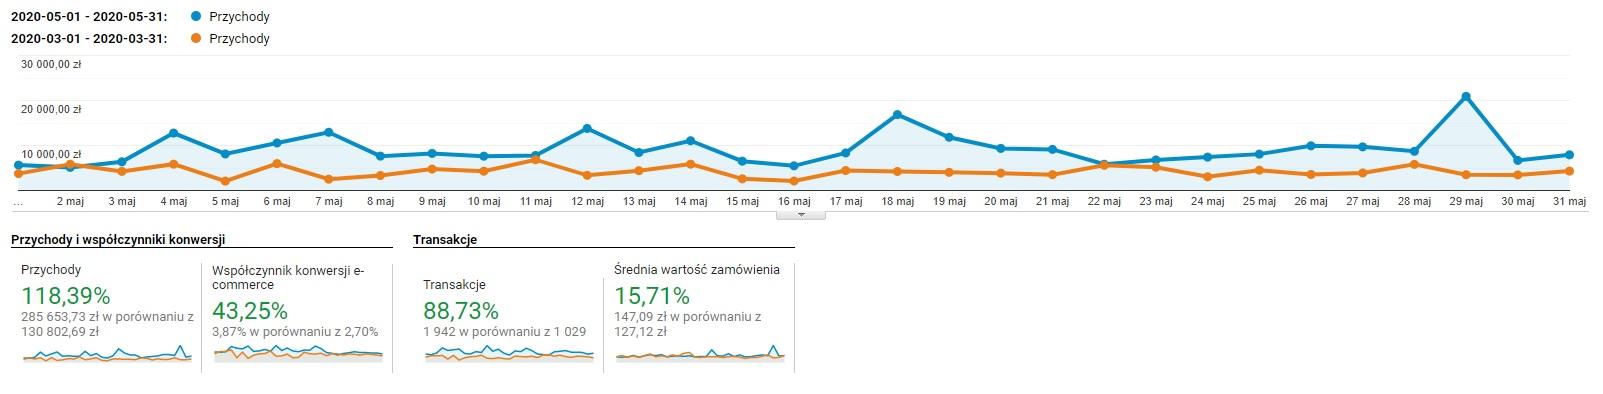 Porównanie sprzedaży w e-sklepie po miesiącach maj vs. marzec 2020